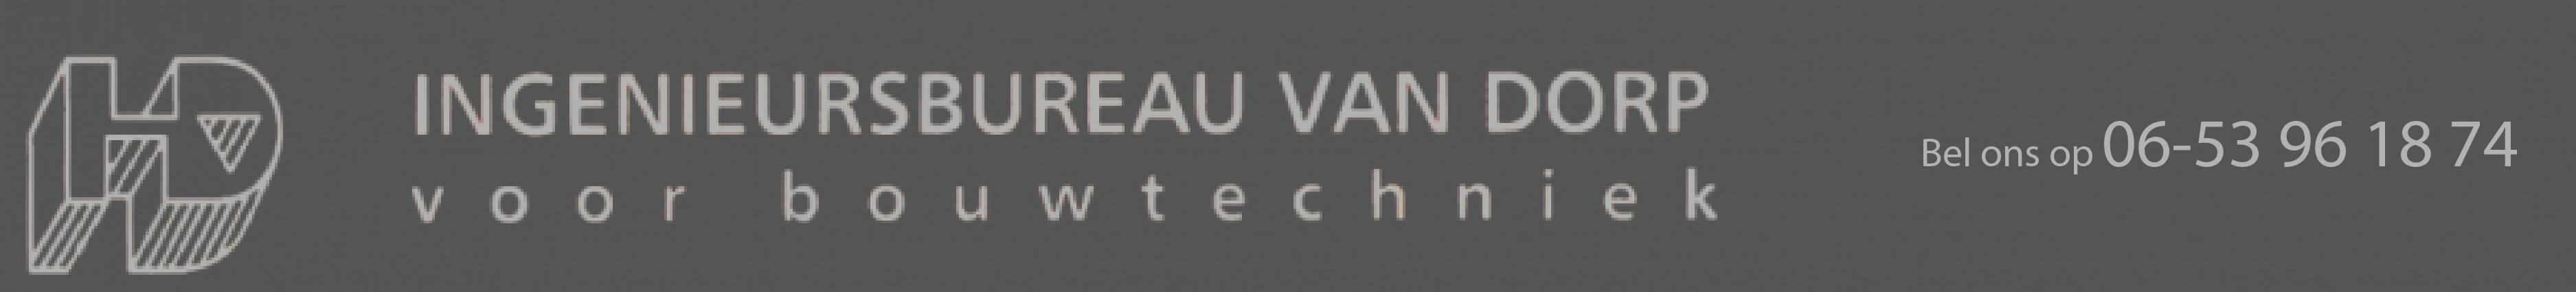 Ingenieursbureau Van Dorp voor bouwinspecties in Leiden, Voorschoten, Leidschendam, Wassenaar, Zoeterwoude, Oegstgeest, Stompwijk, Zoetermeer, Katwijk